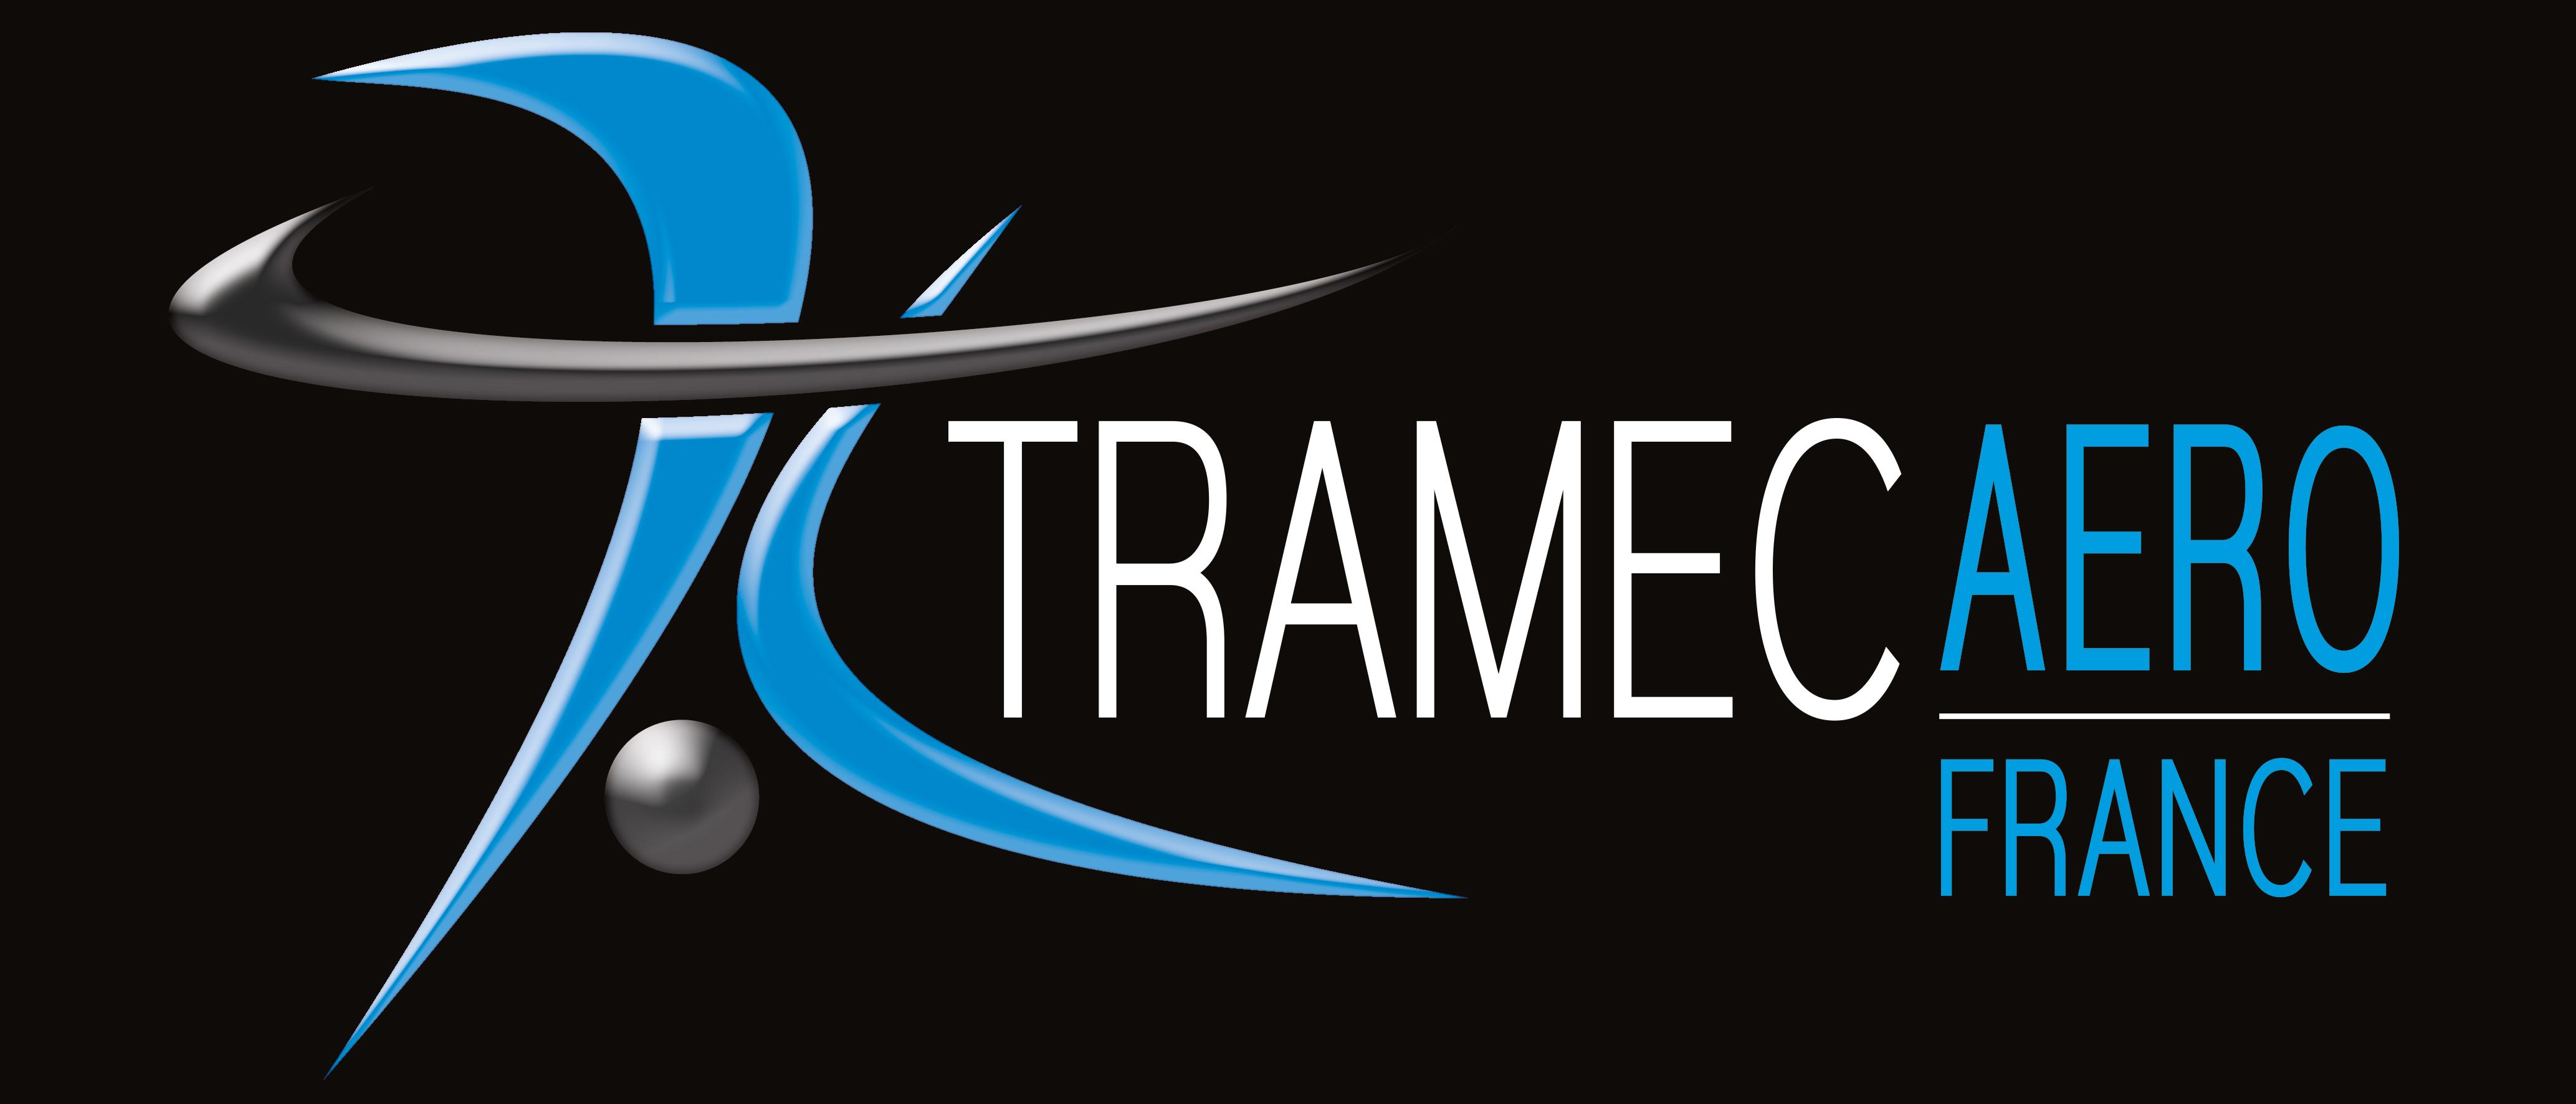 Tramec Aero France>